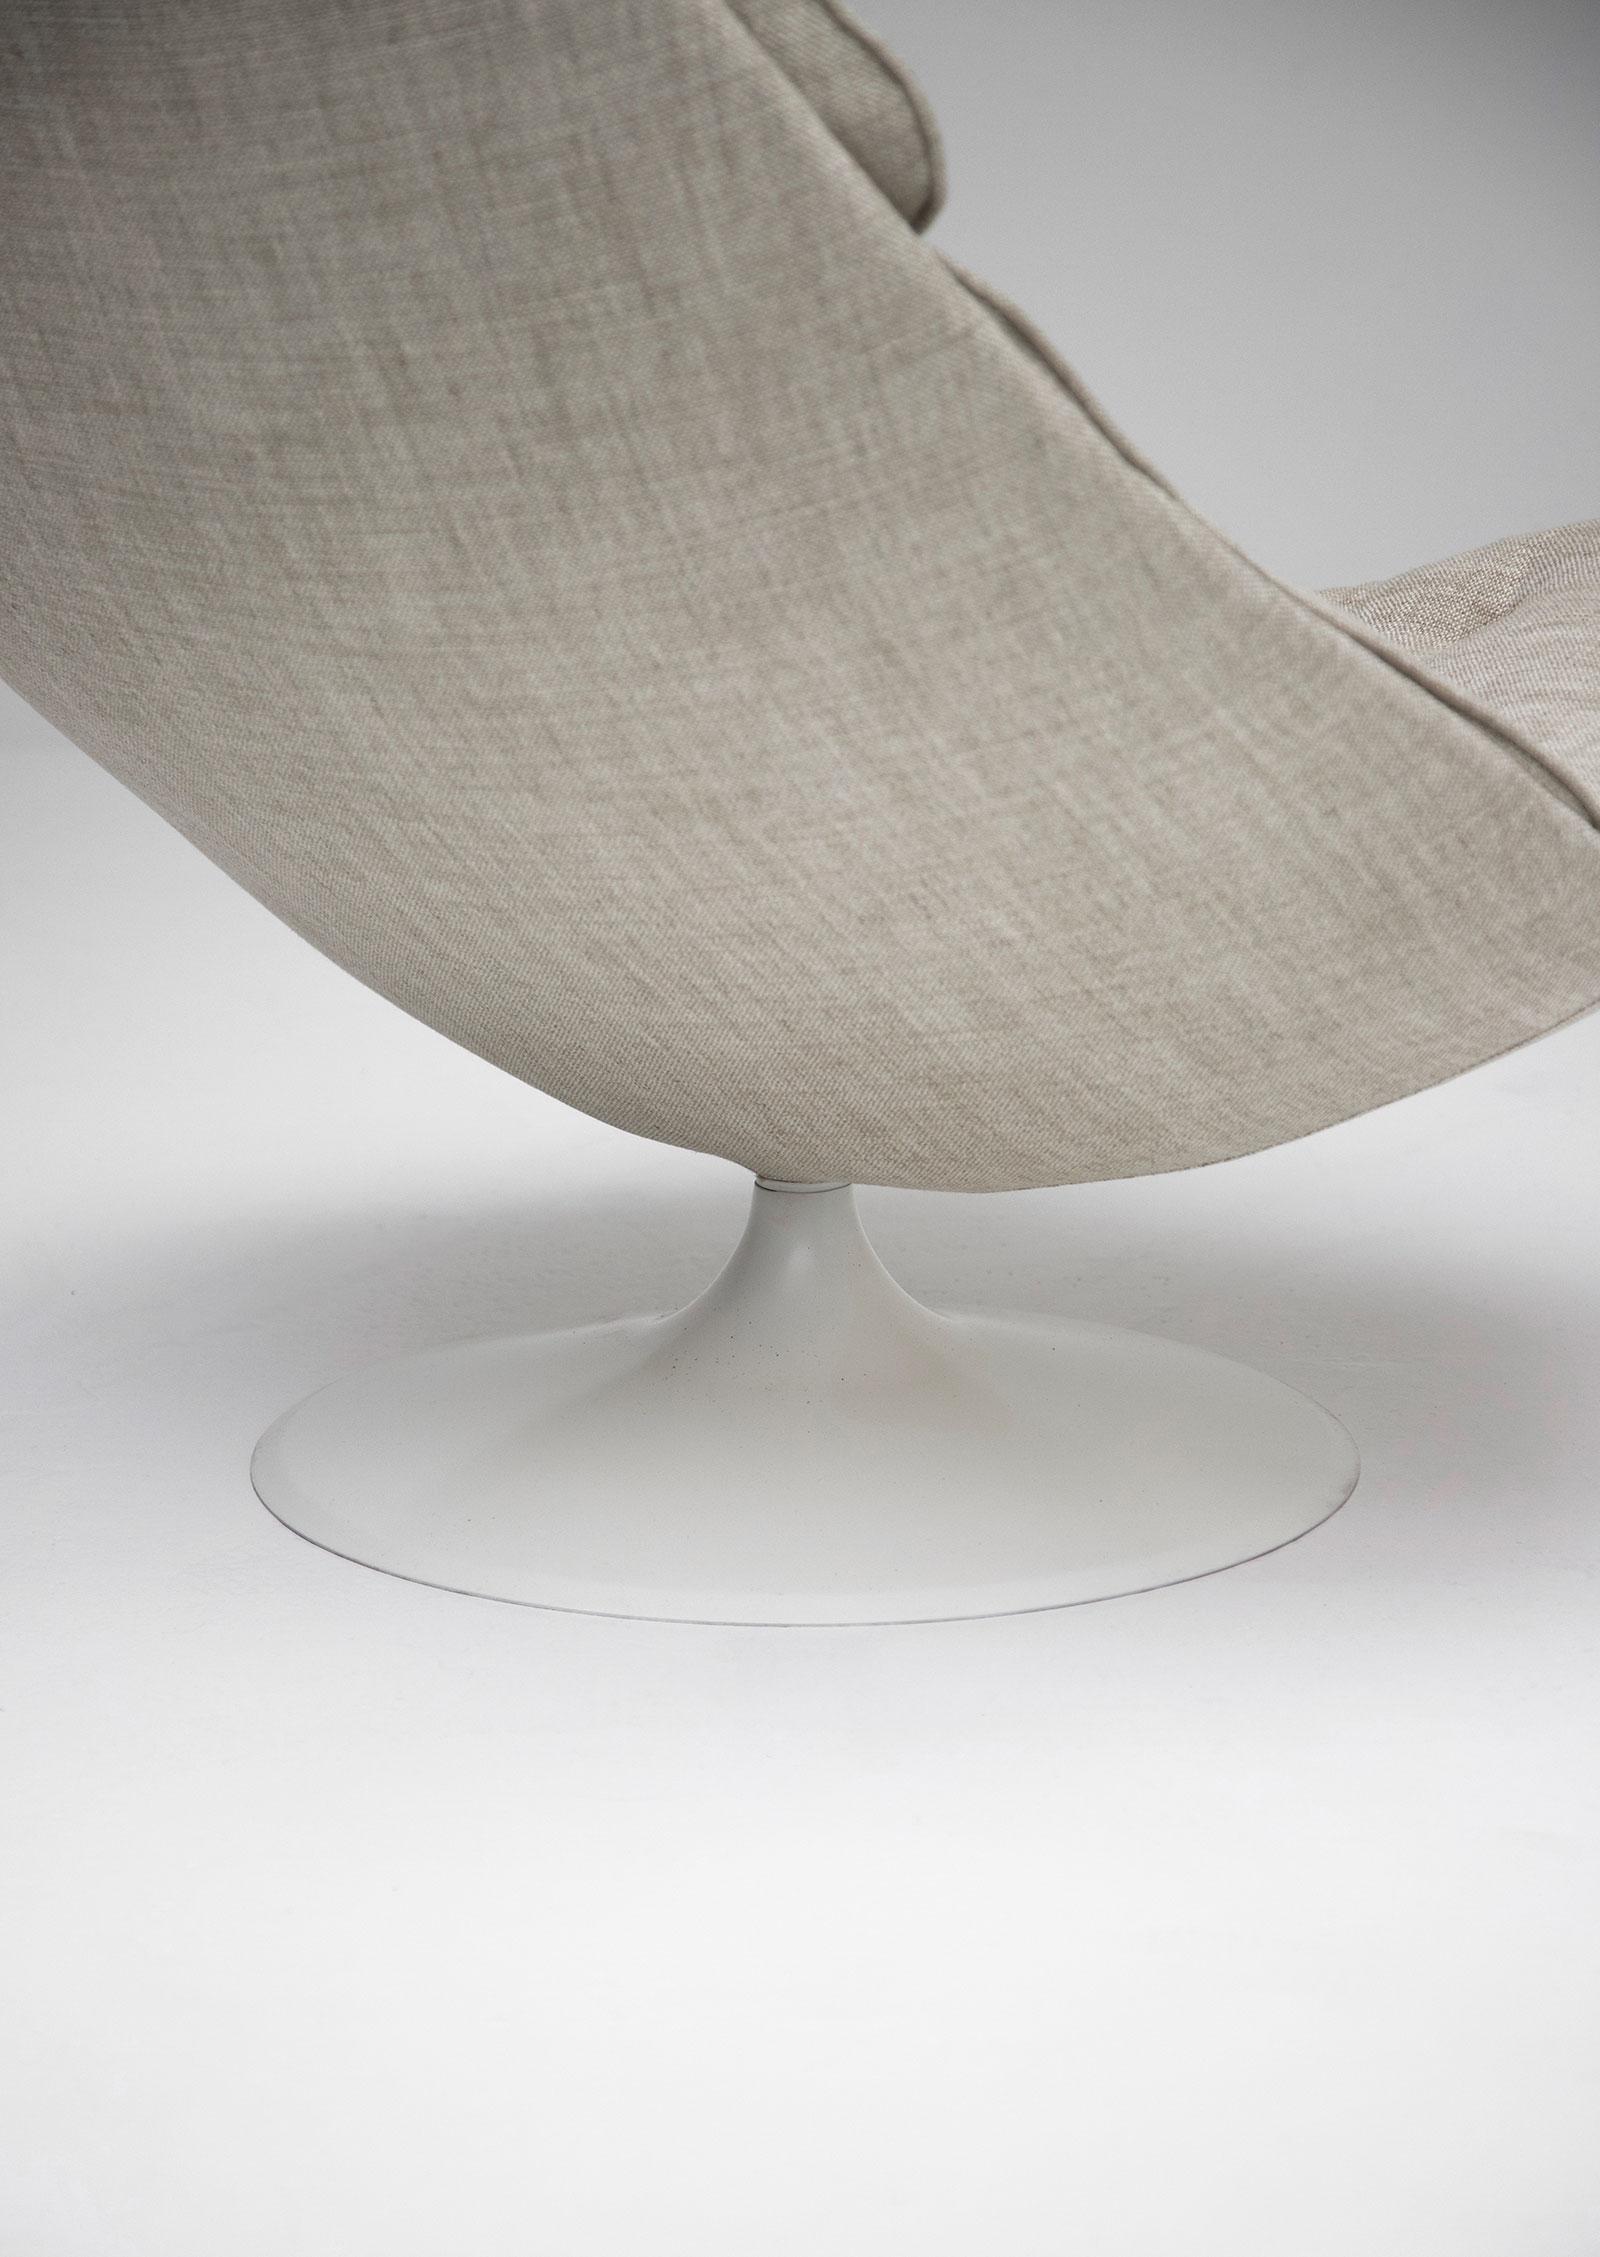 artifort f588 fauteuil by geoffrey harcourt